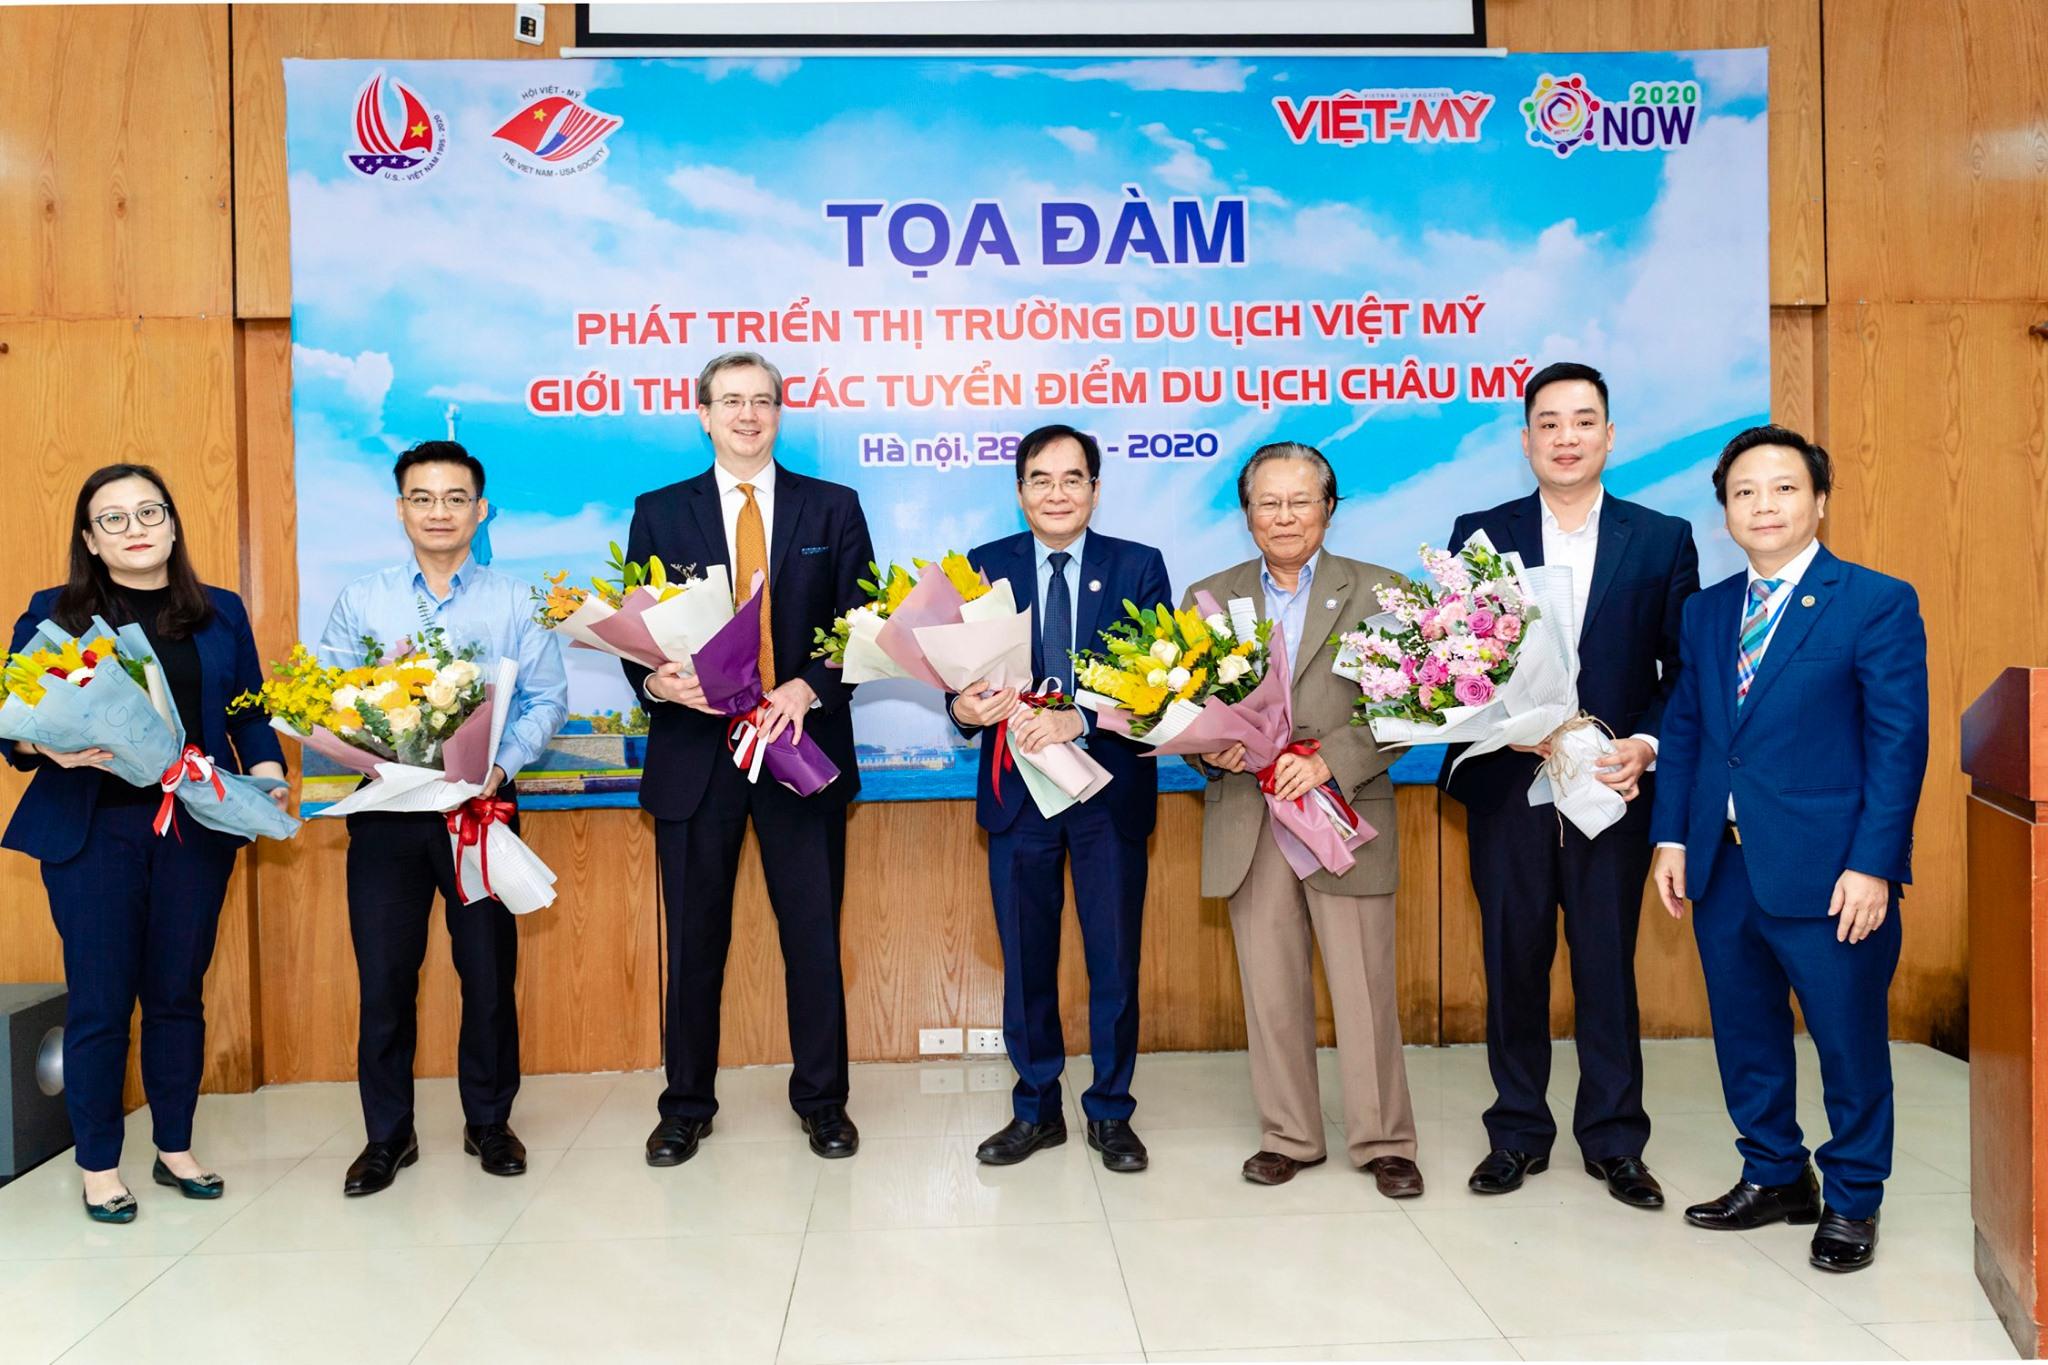 Các khách mời đặc biệt trong buổi Tọa Đàm Du lịch Việt Mỹ